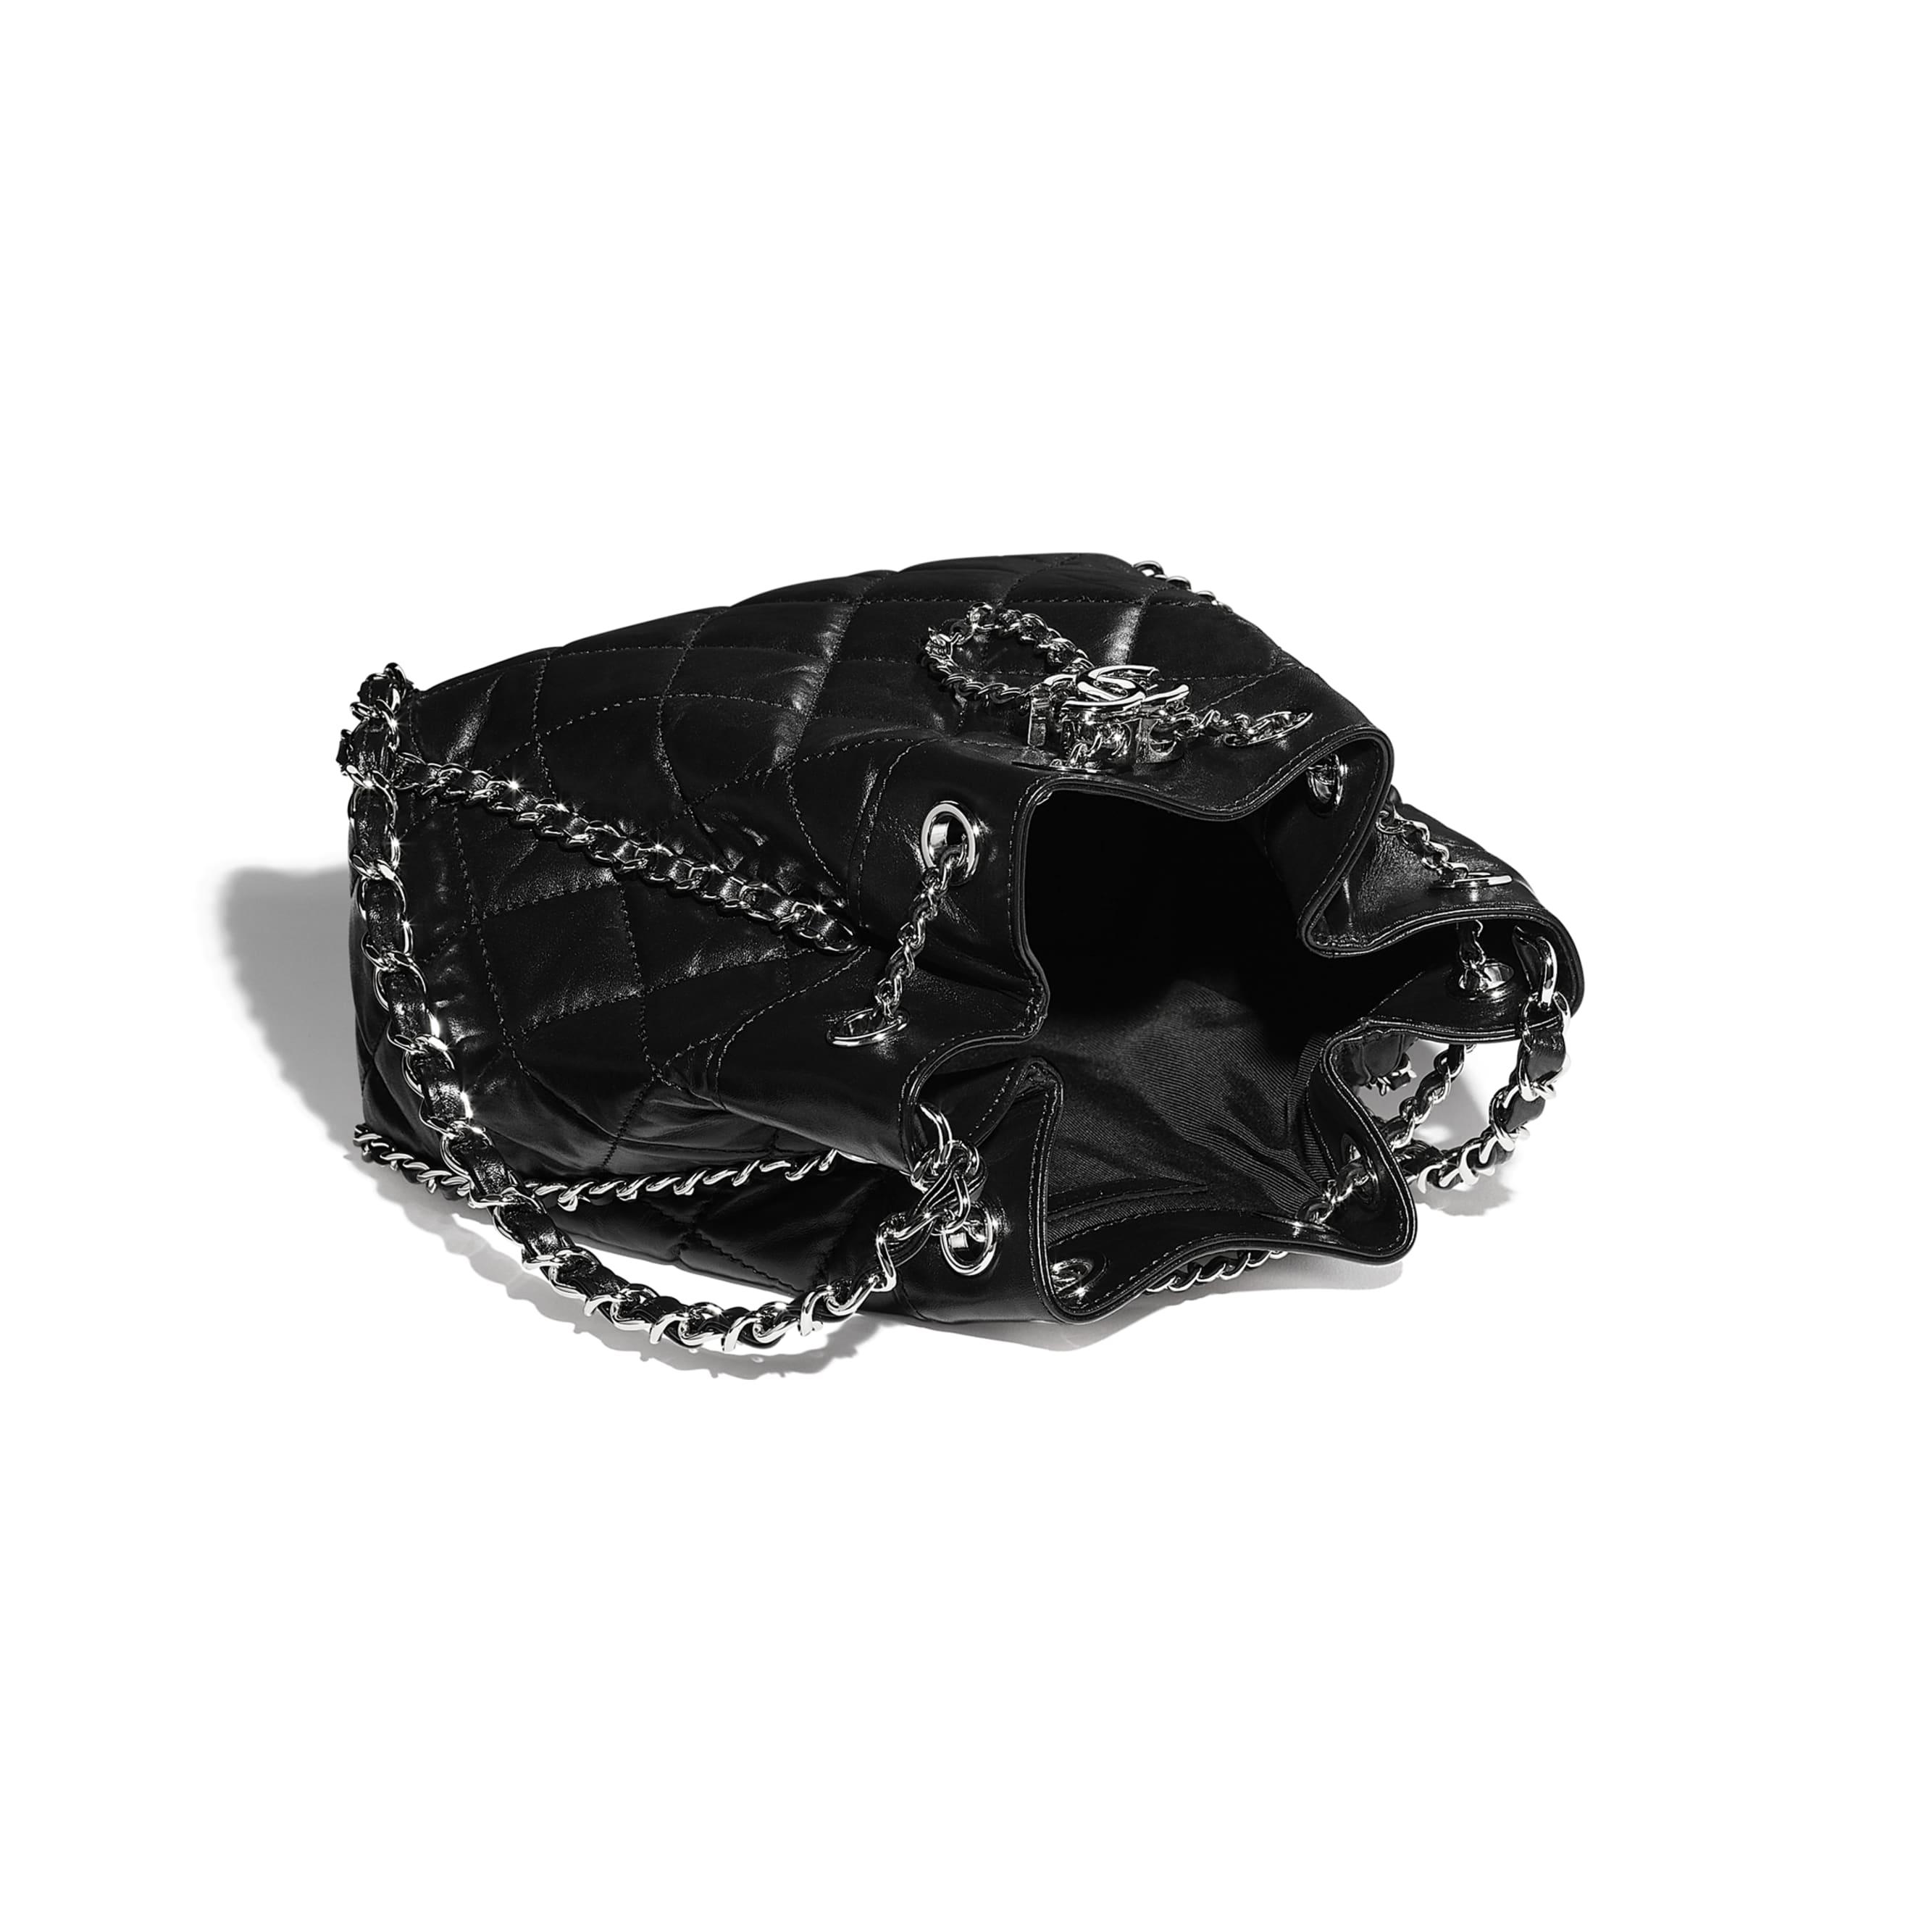 Torebka ściągana - Kolor czarny - Postarzana skóra cielęca i metal w tonacji srebrnej  - CHANEL - Inny widok – zobacz w standardowym rozmiarze